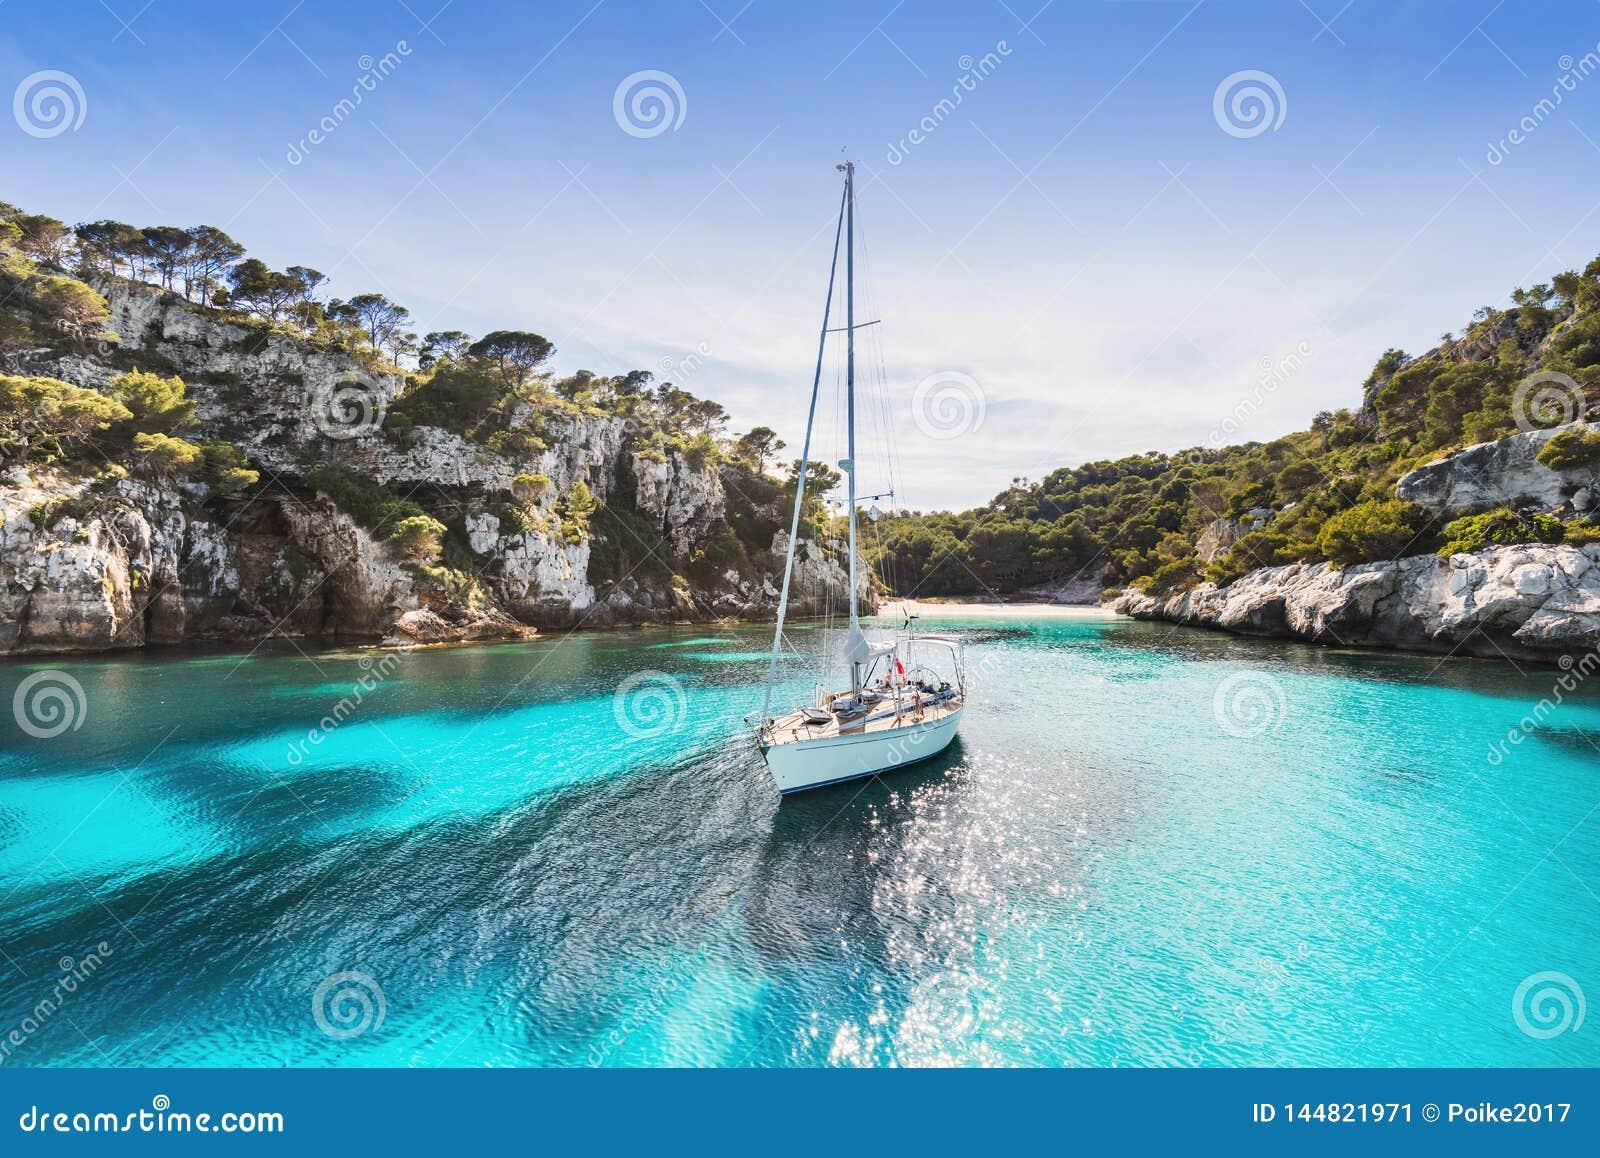 Piękna plaża z żeglowanie łodzi jachtem, Cala Macarelleta, Menorca wyspa, Hiszpania Jachtingu, podr